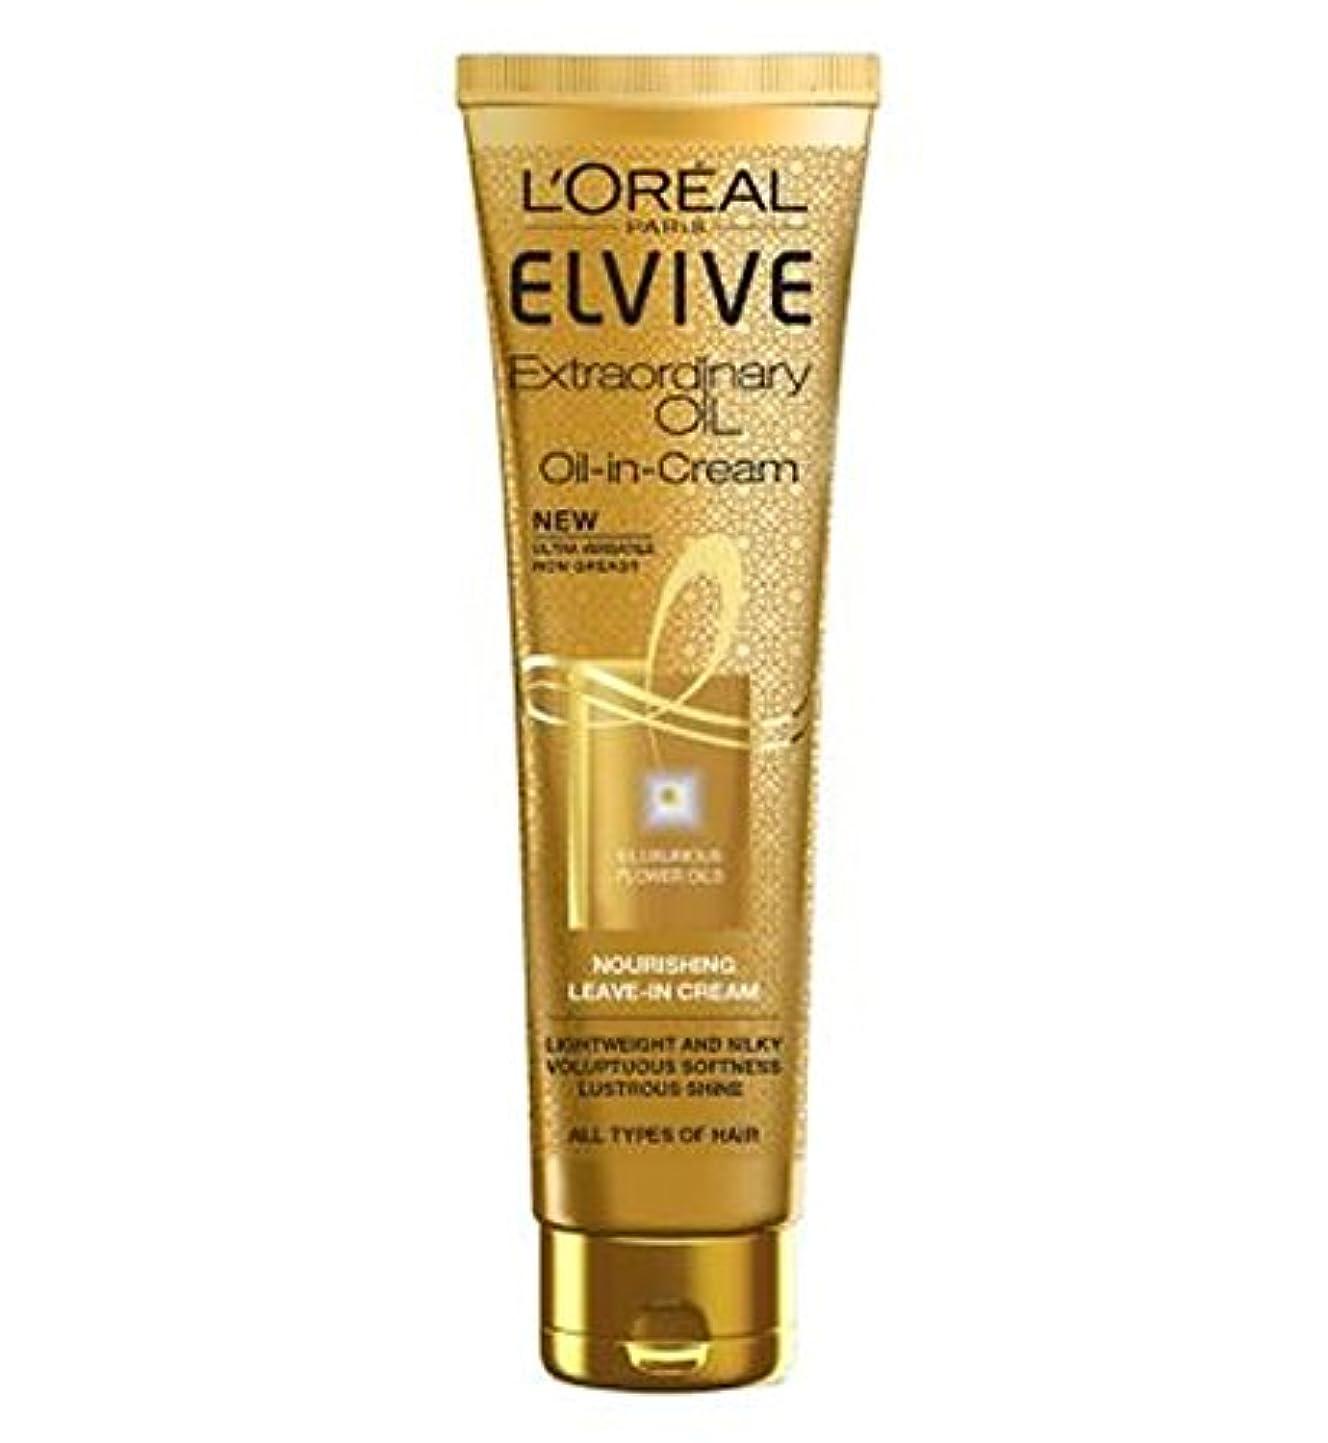 重要性どこでも後ろ、背後、背面(部すべての髪のタイプのクリームでロレアルパリElvive臨時オイル (L'Oreal) (x2) - L'Oreal Paris Elvive Extraordinary Oil in Cream All Hair Types...